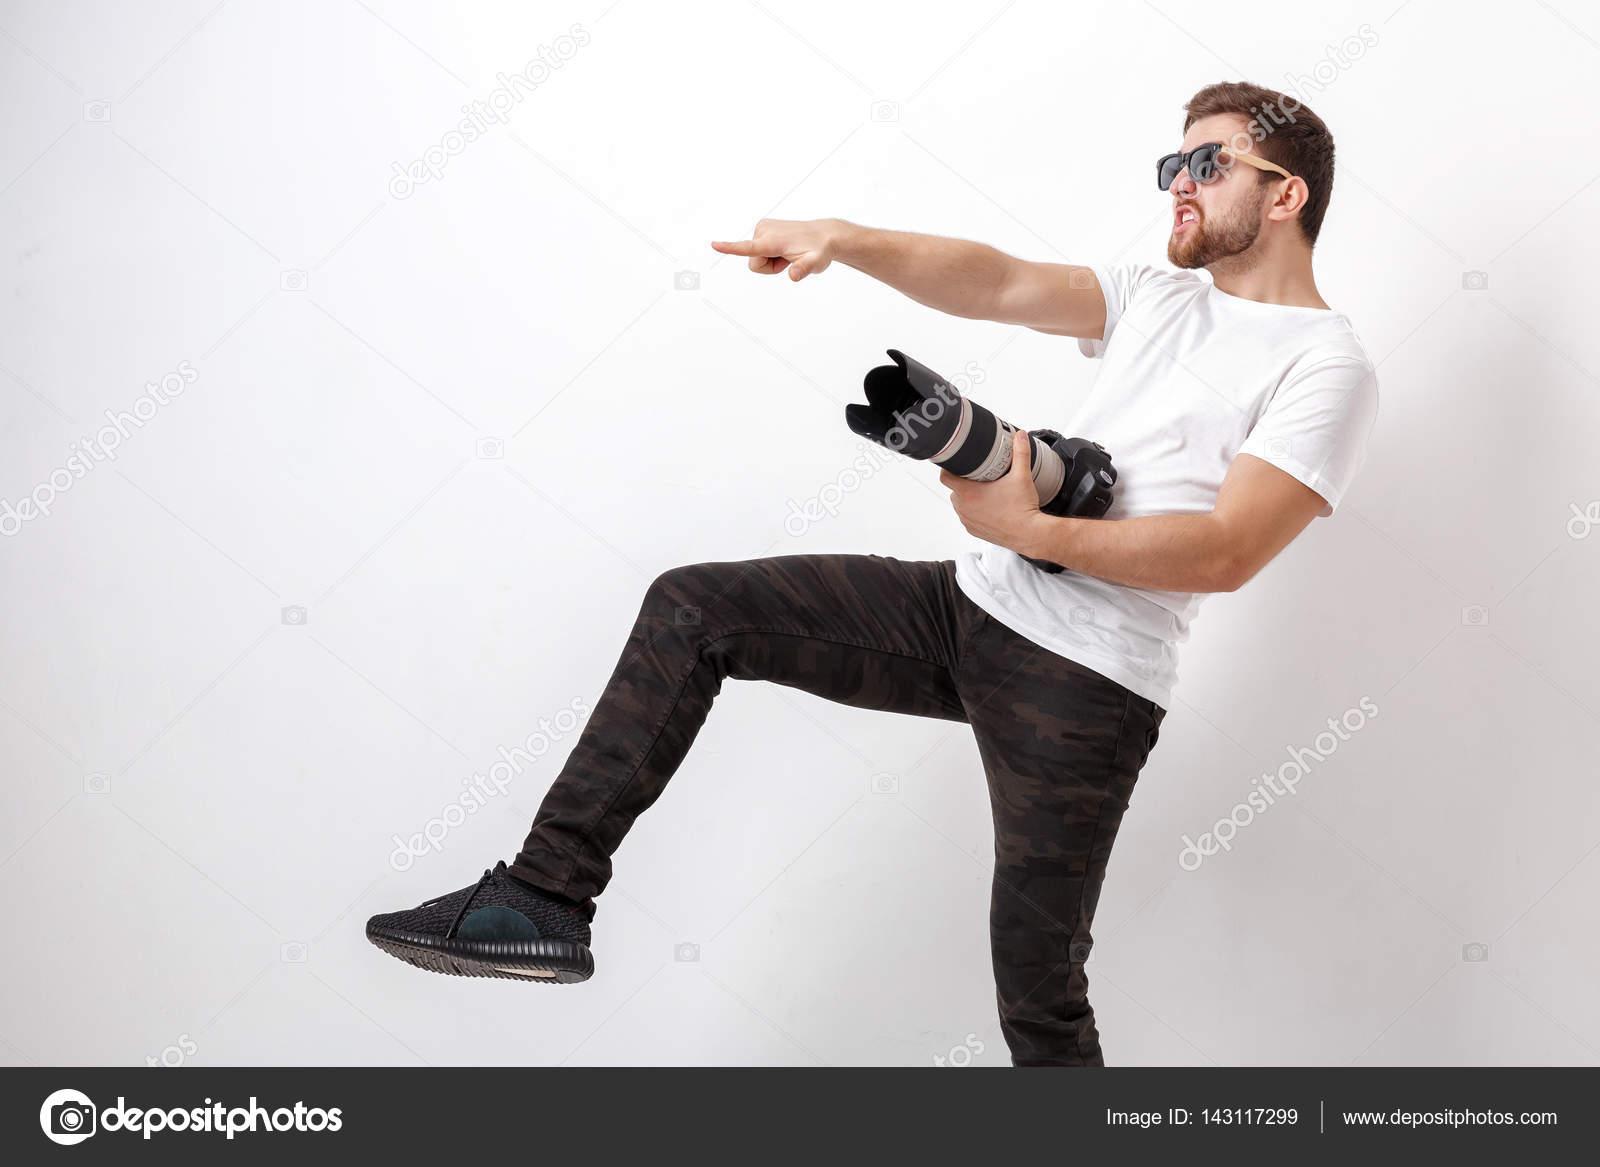 1caffe3f7b4b Fiatal profi fotós a fotózás, és használ egy digitális fényképezőgép-val  egy hosszú lencse fehér ing — Fotó szerzőtől ...